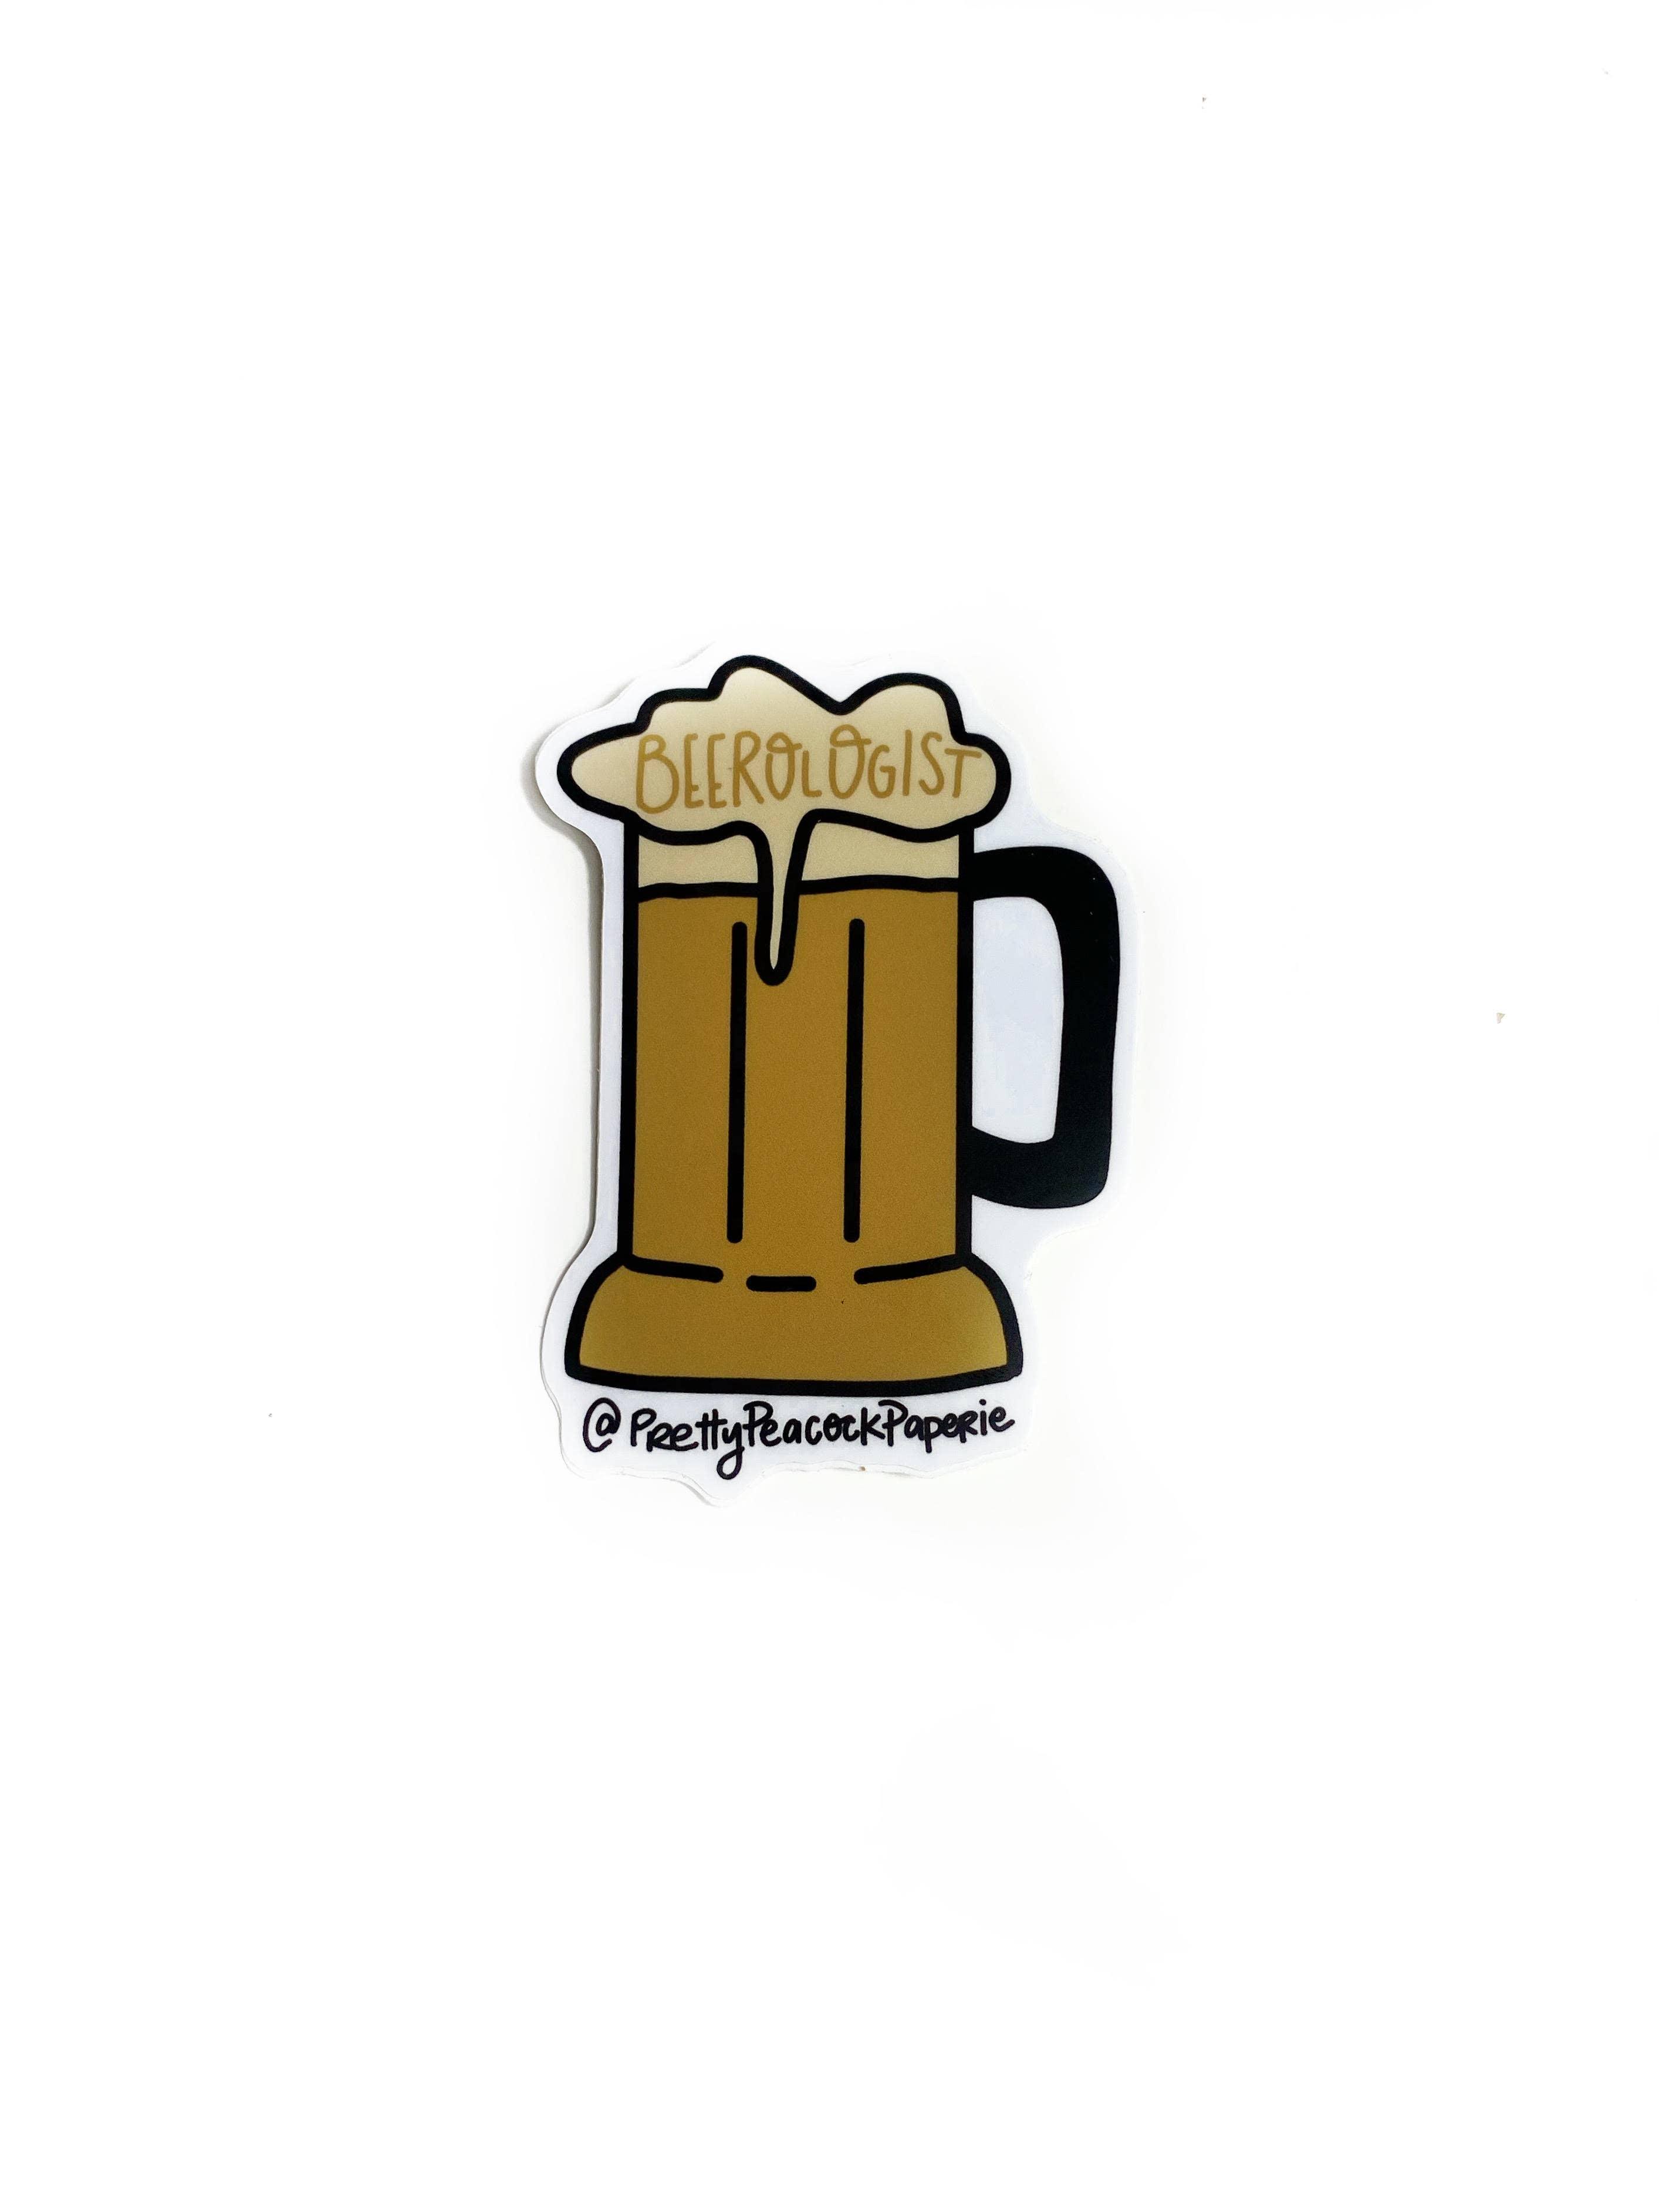 Beerologist - Beer Sticker | Trada Marketplace